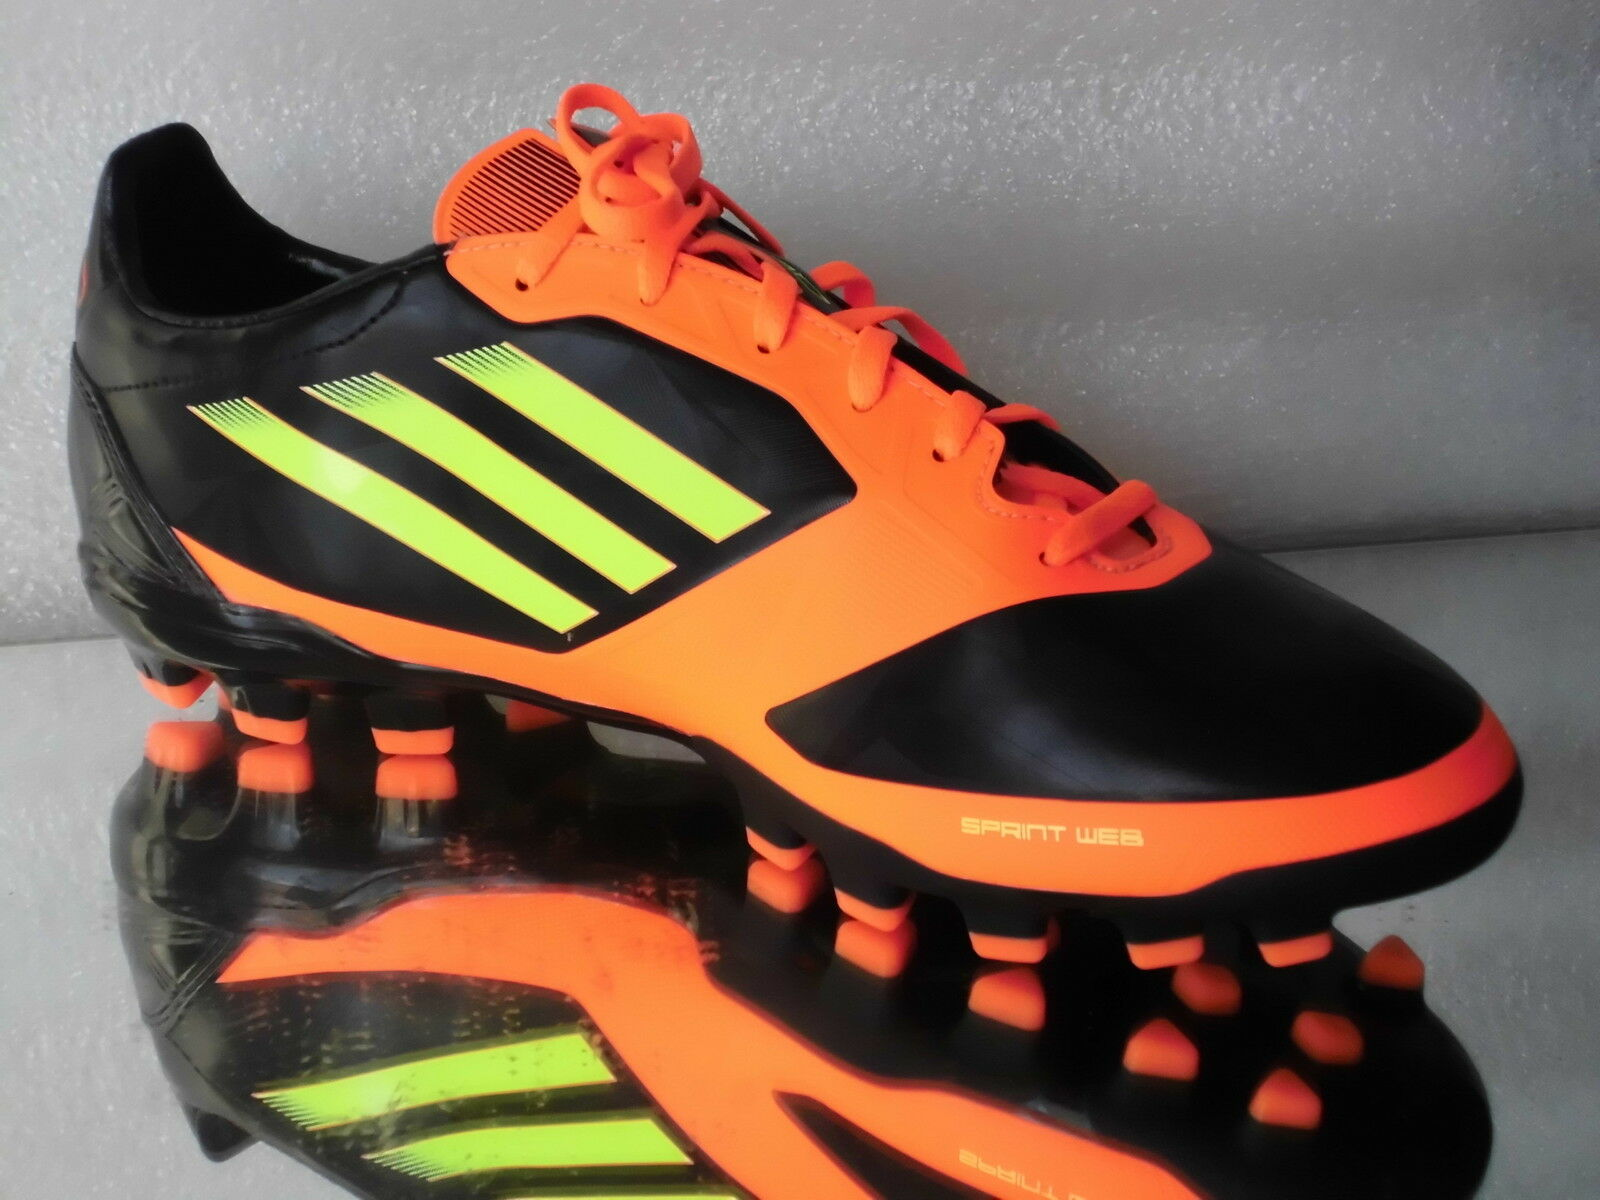 Adidas Fußballschuhe F30 TRX AG V23932  black red Neu